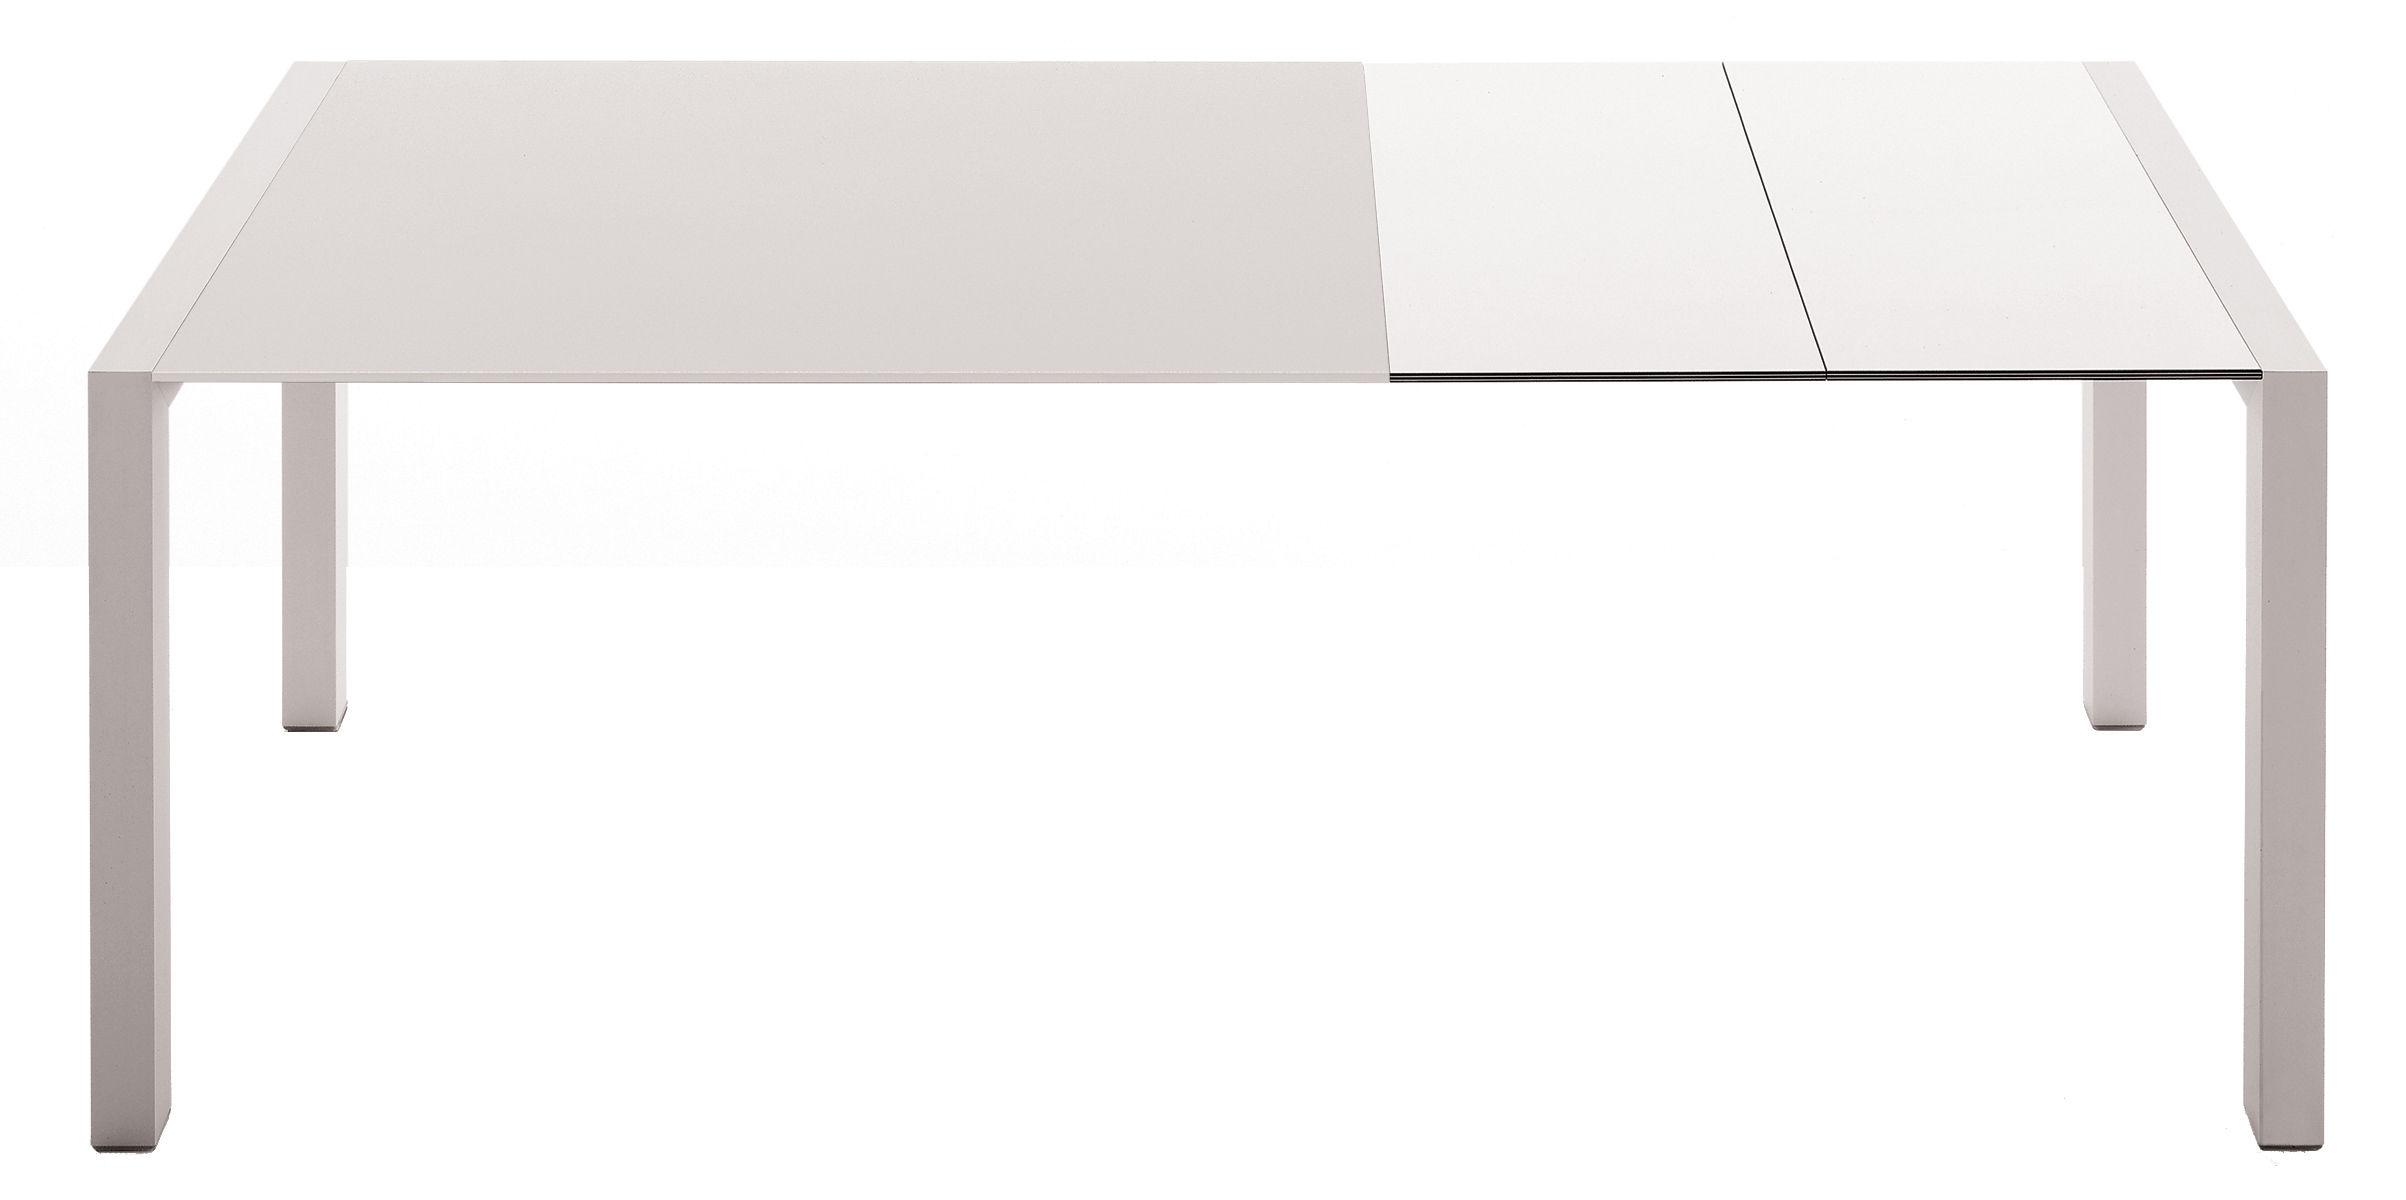 Tendenze - Sala da pranzo - Tavolo con prolunga Sushi - Estensibile di Kristalia - Piano in vetro bianco / Prolunghe laminate bianche - Alluminio anodizzato, Laminato stratificato, Vetro verniciato